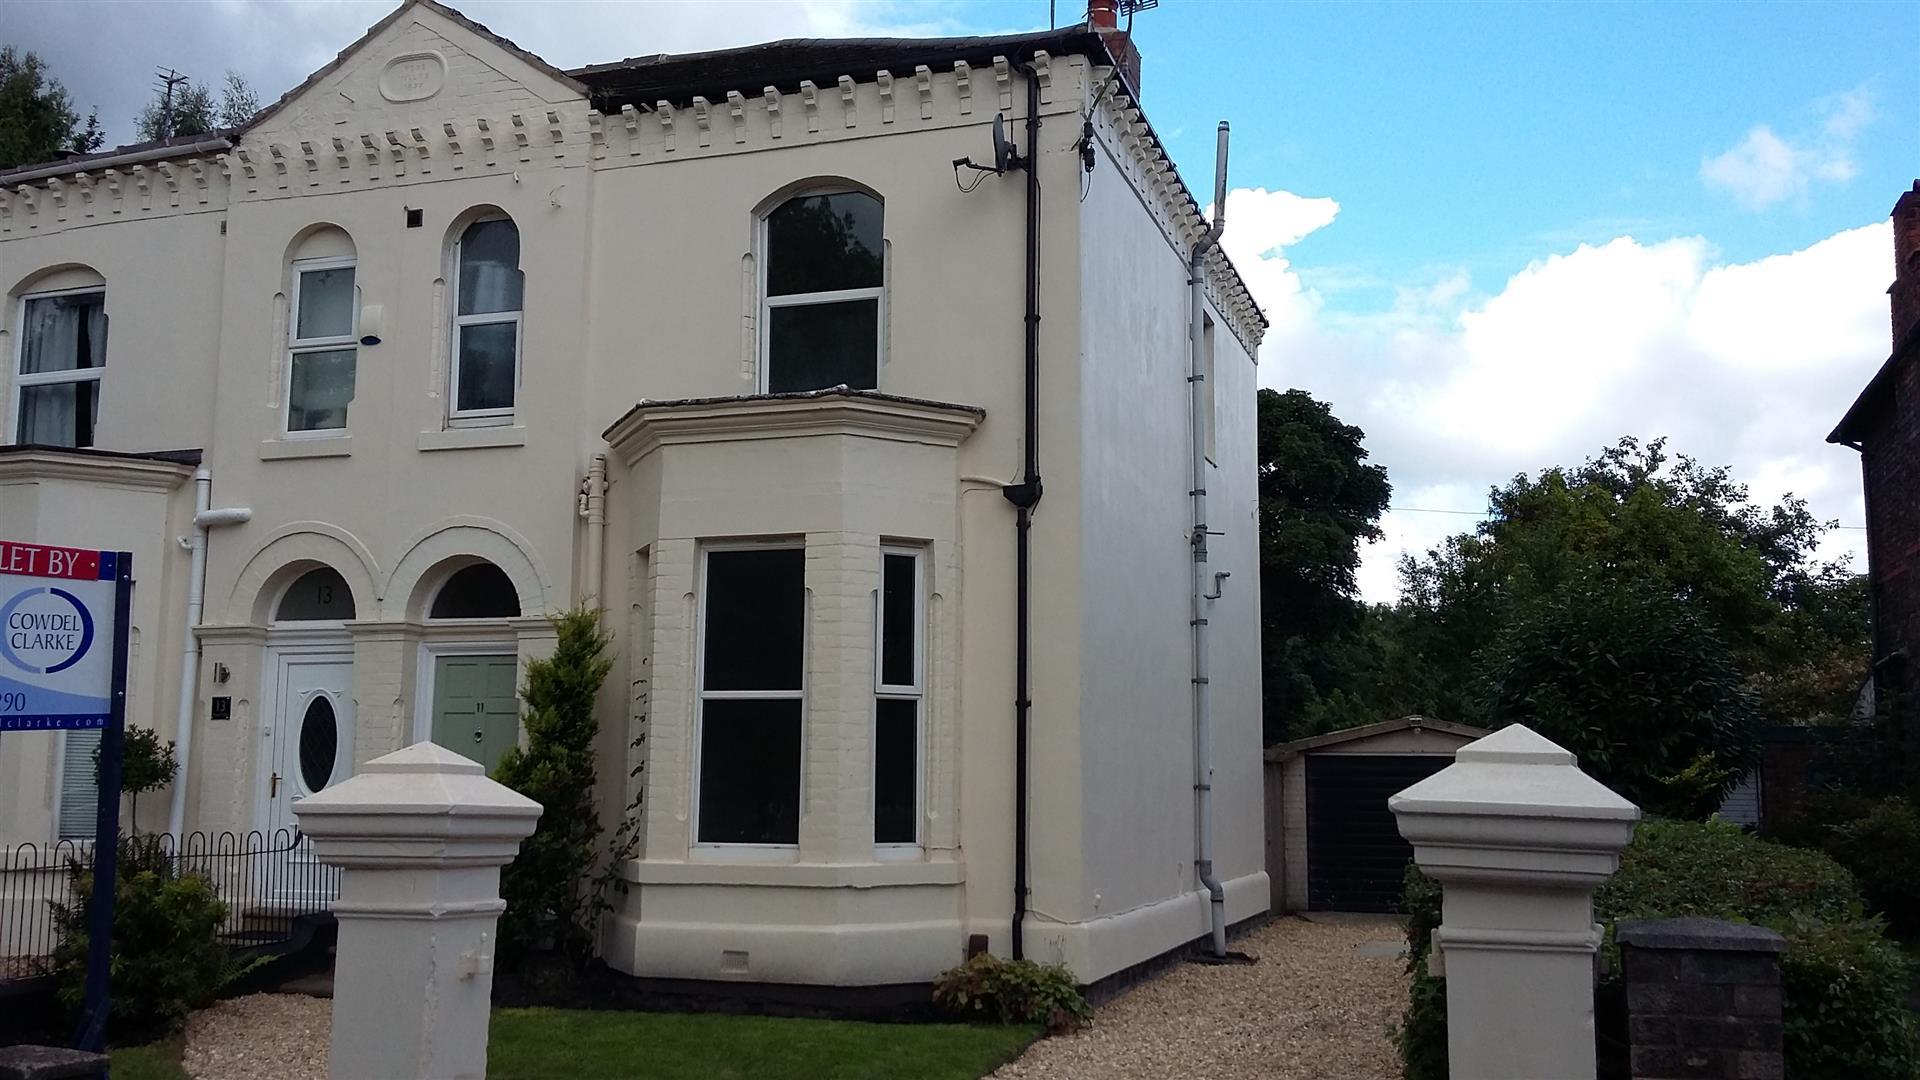 3 Bedrooms Semi Detached House for rent in GRAMMAR SCHOOL ROAD, Latchford, Warrington, WA4